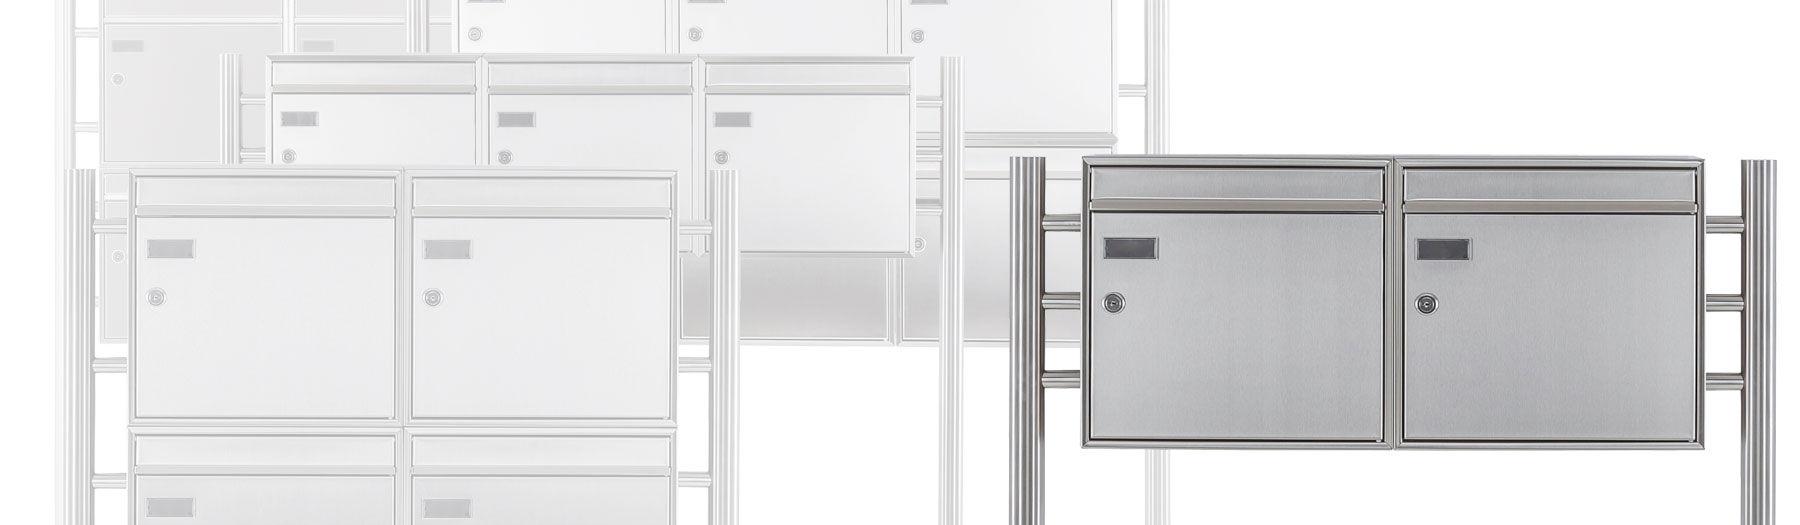 briefkasten manufaktur lippe gmbh bad salzuflen. Black Bedroom Furniture Sets. Home Design Ideas